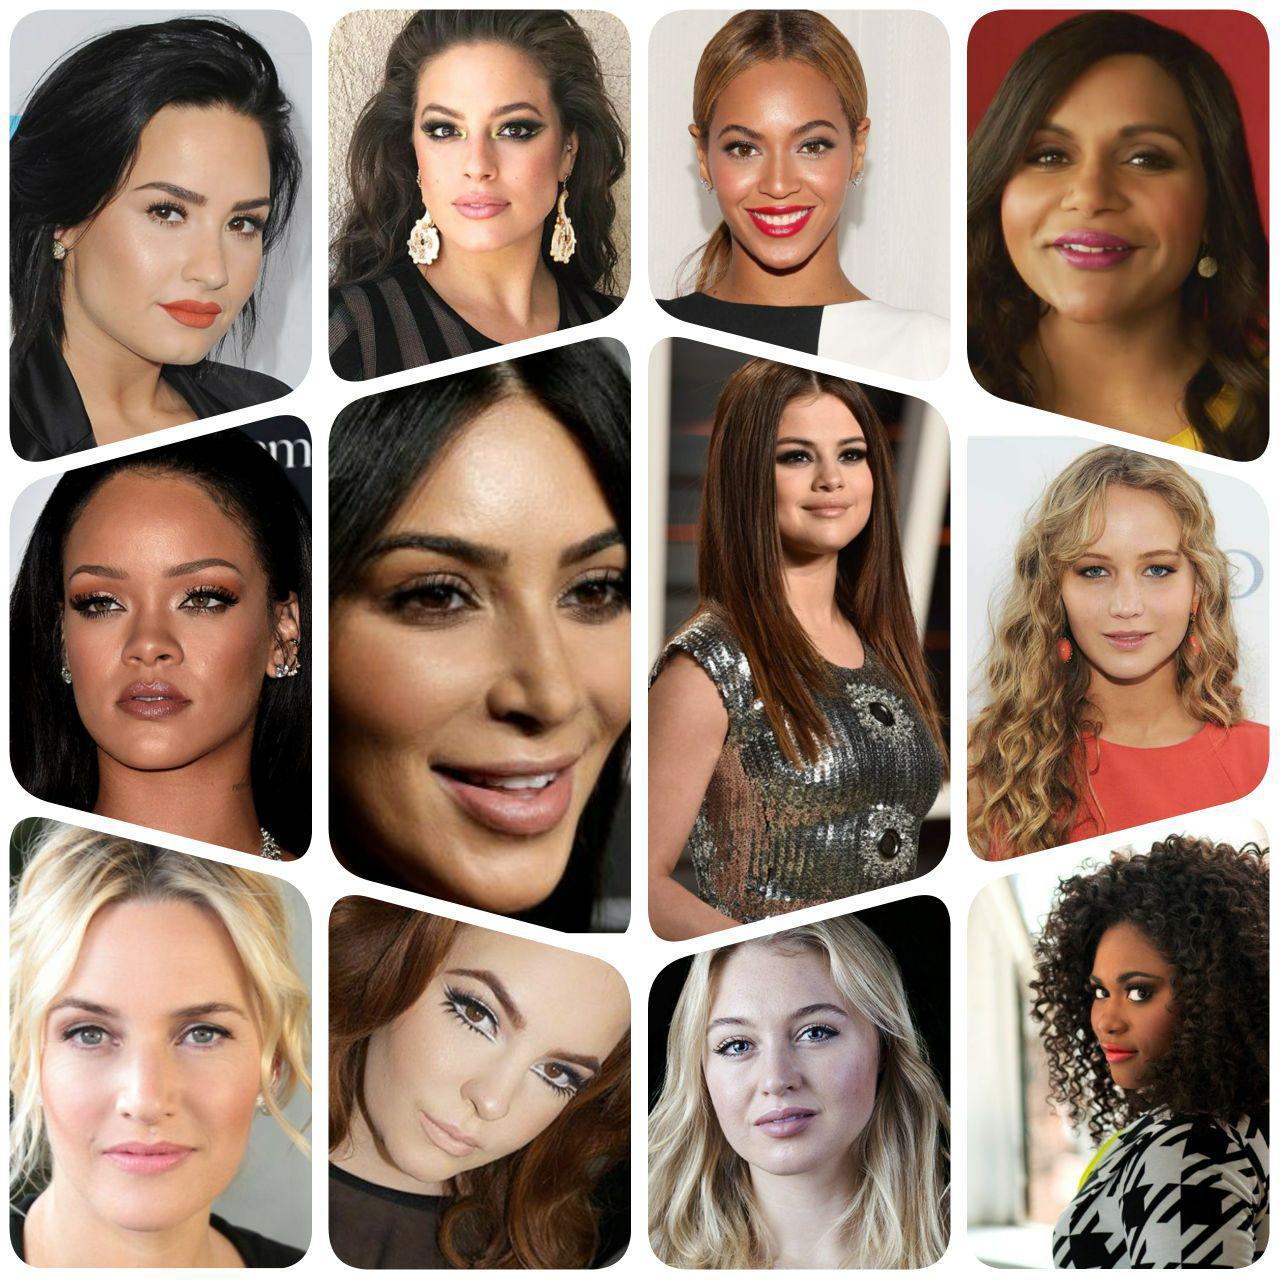 ۱۲ نقل قول از ۱۲ زن زیبا مدل و بازیگر و خواننده در مورد زیبایی